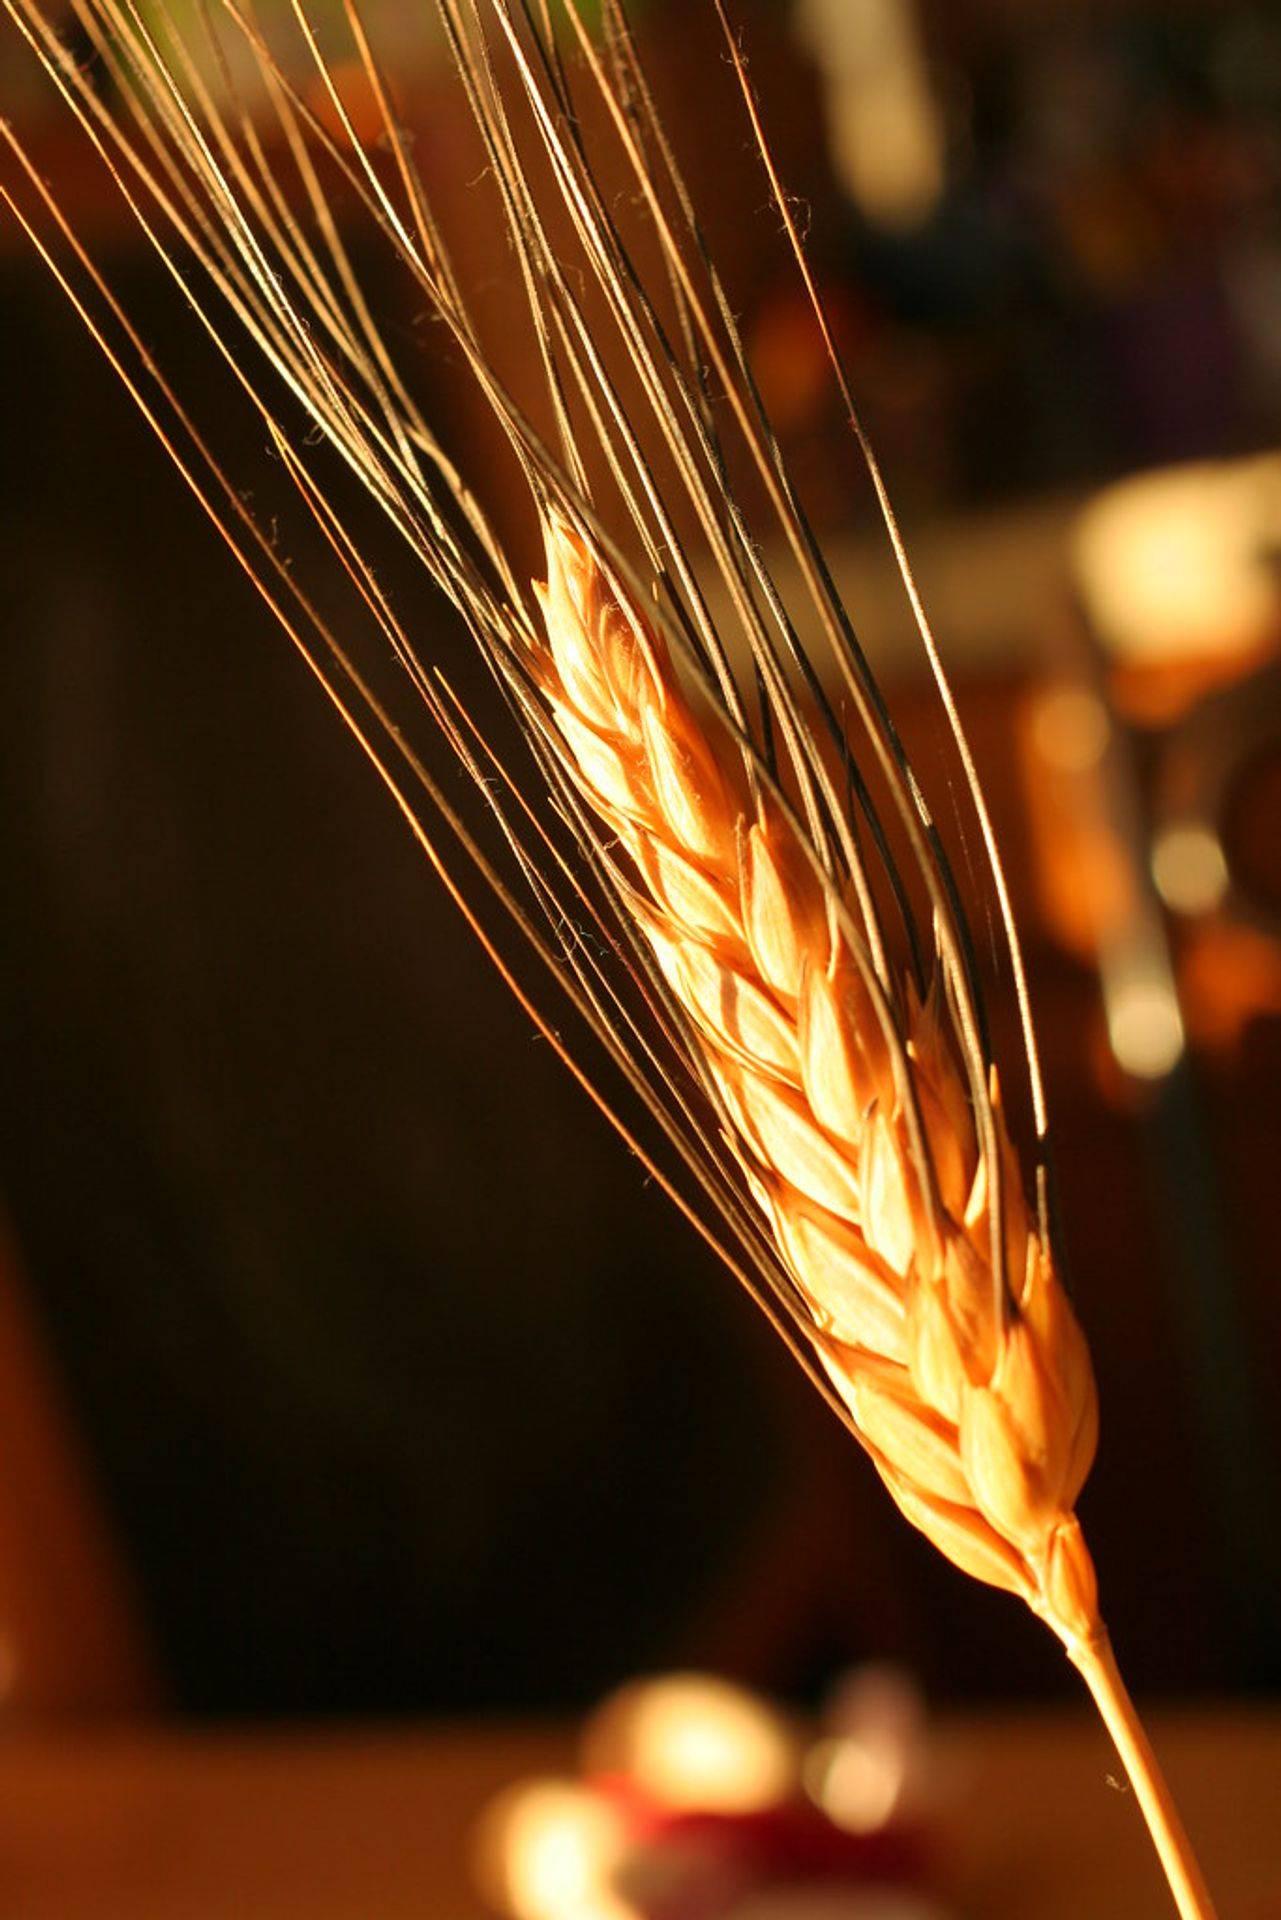 Wheat Sheaf plant